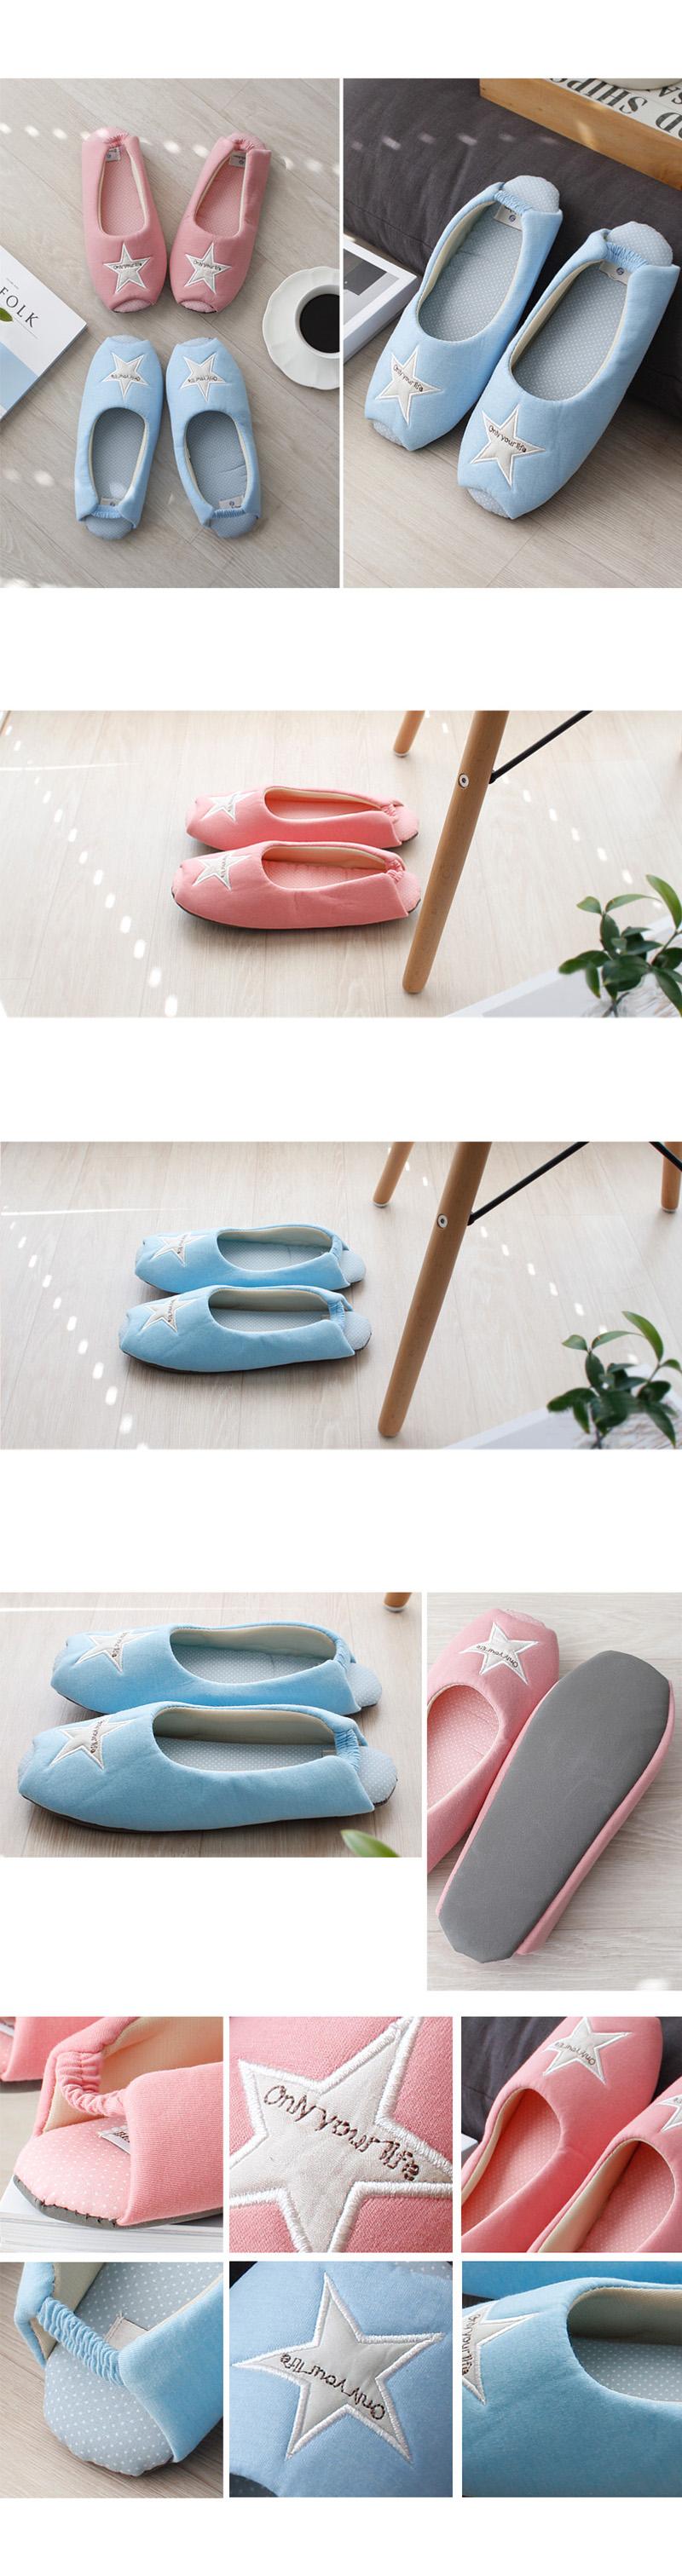 온리 별 덧신 슬리퍼 (2color) - 디자인, 13,000원, 슬리퍼/거실화, 덧신